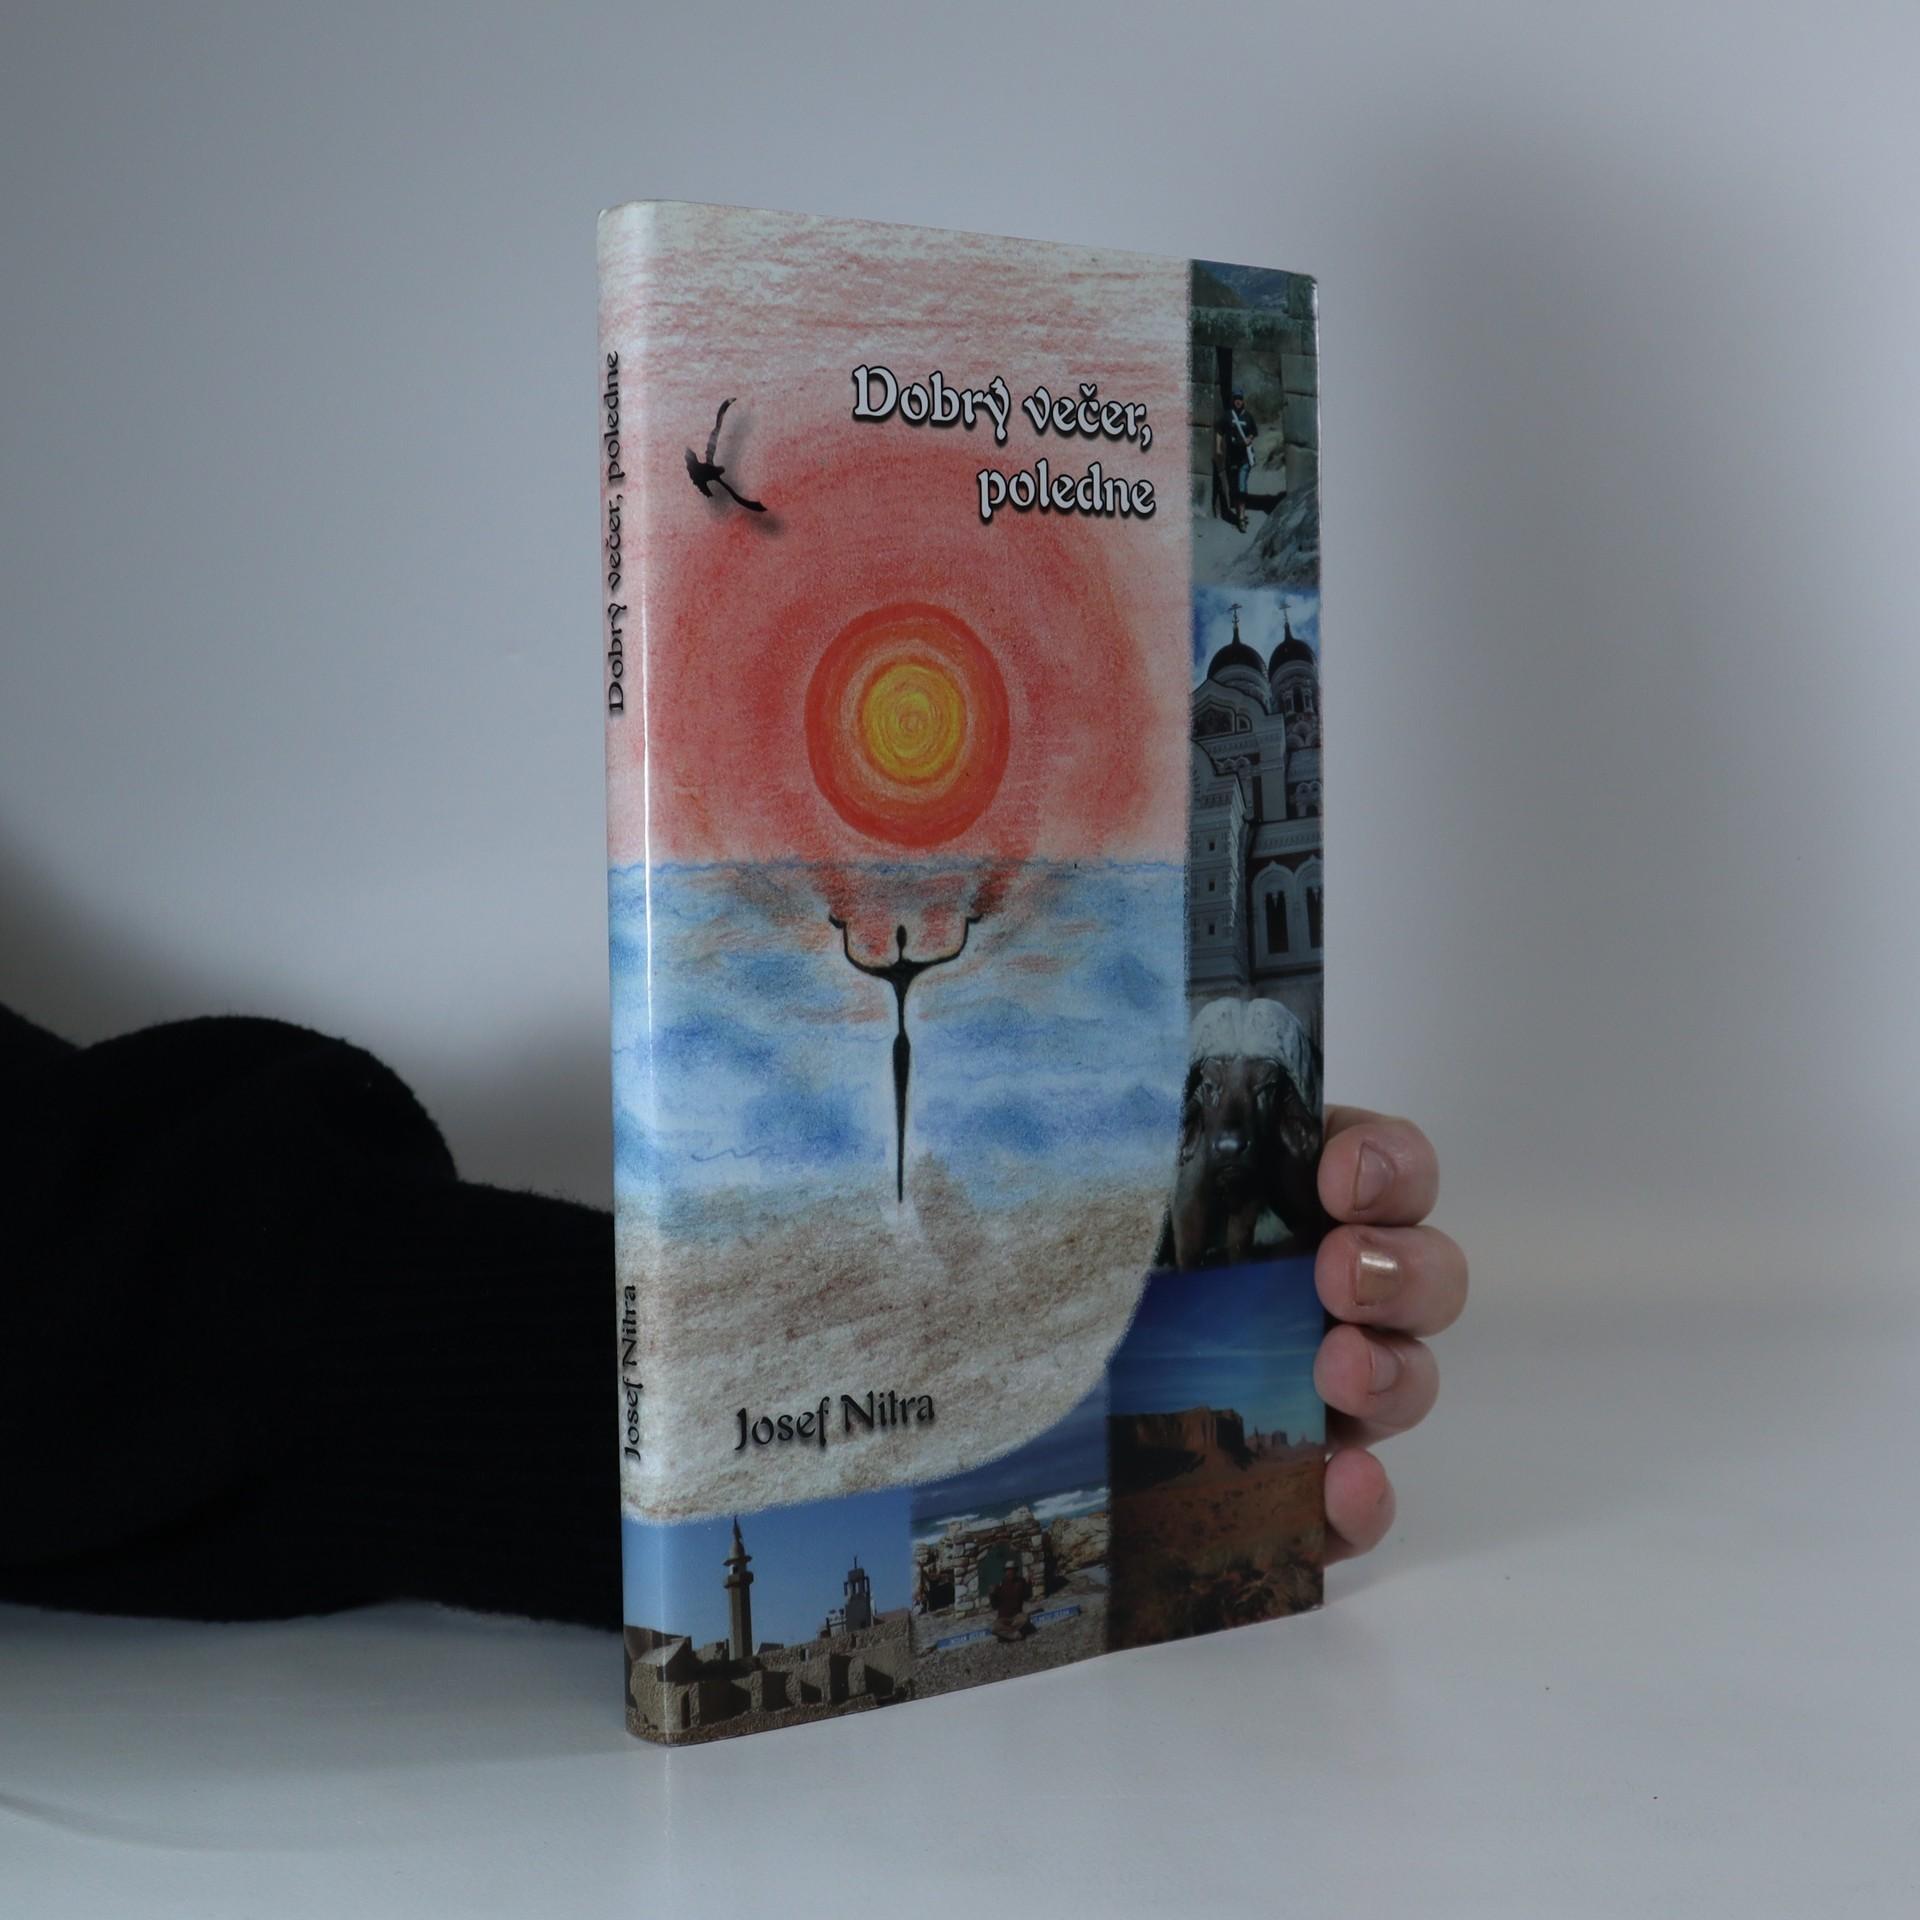 antikvární kniha Dobrý večer, poledne, neuveden